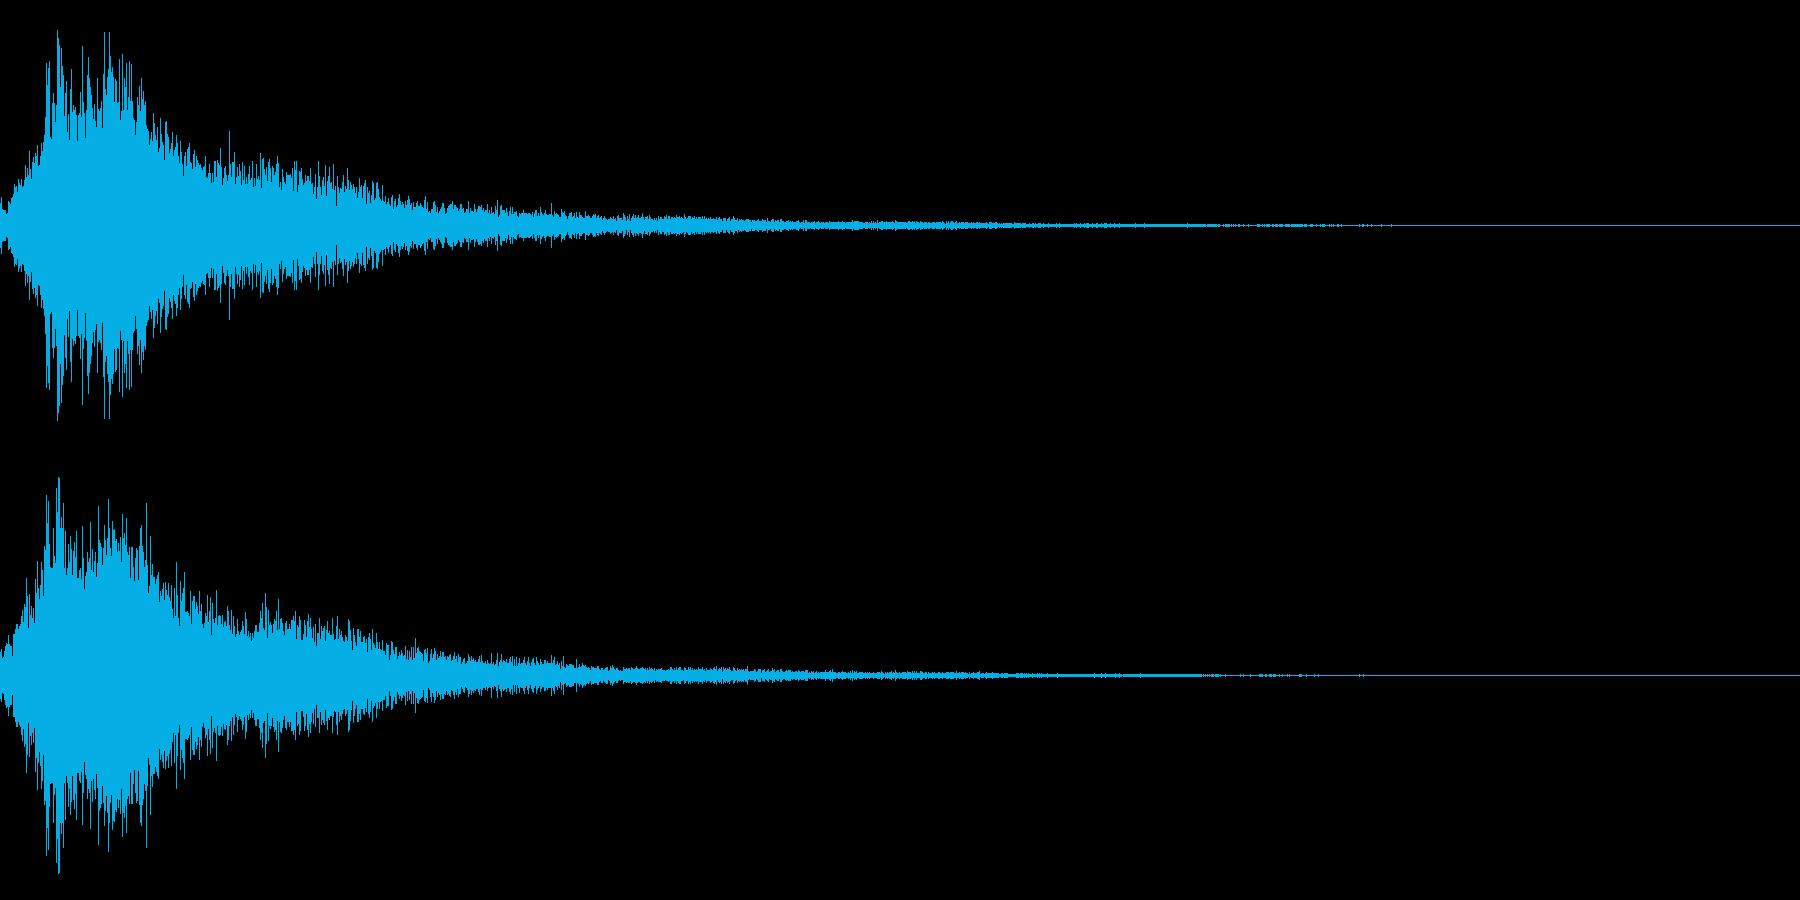 琴と刀の【シャキーン!】和風ロゴ 11の再生済みの波形